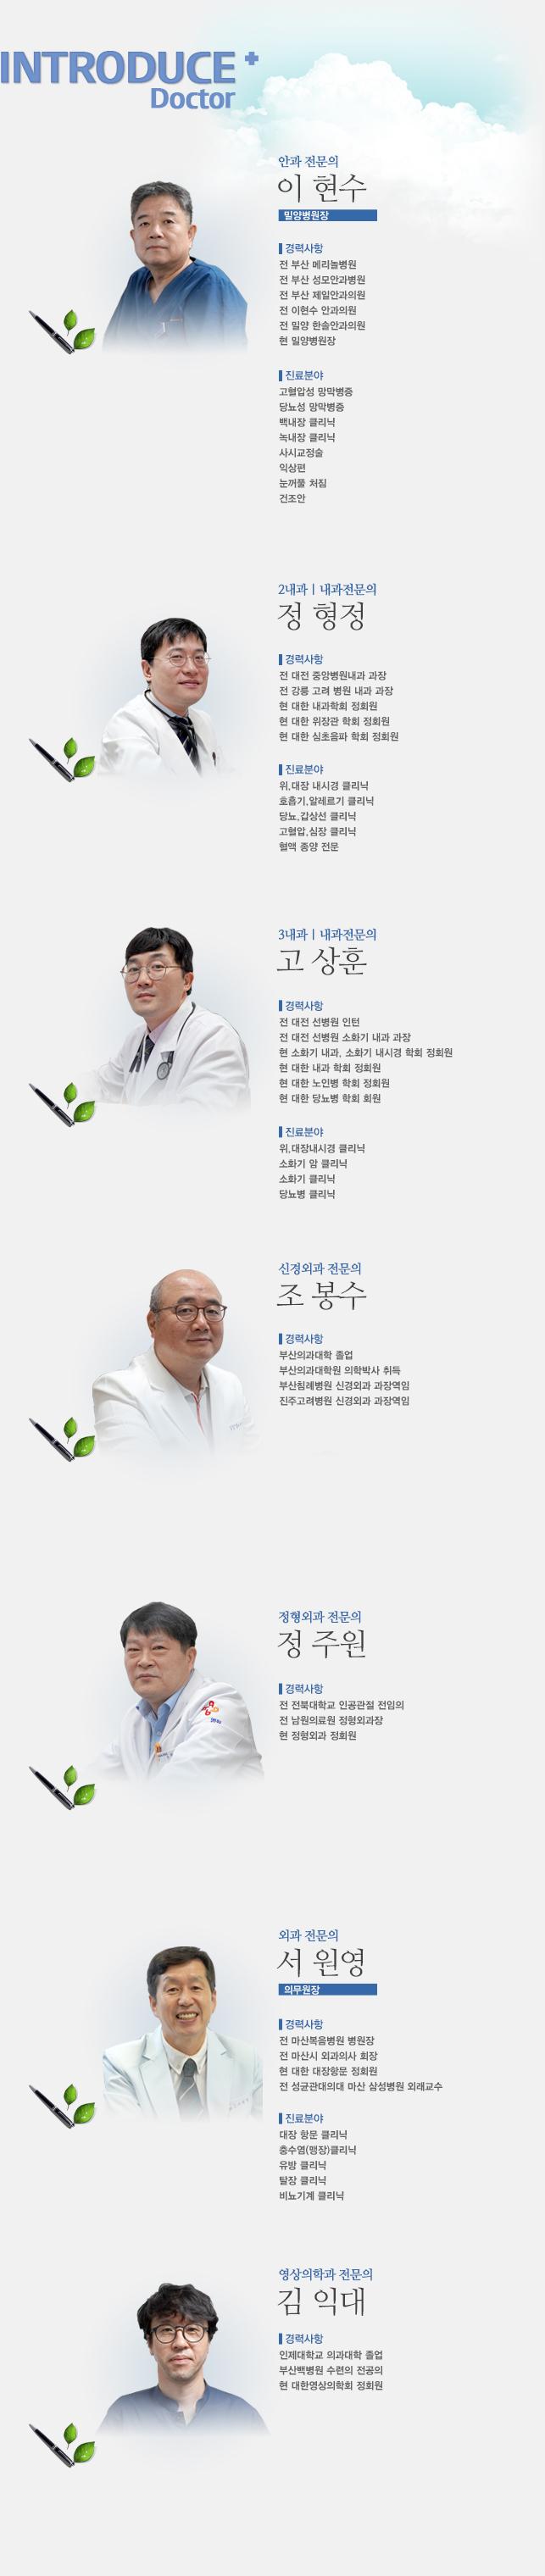 의료진소개